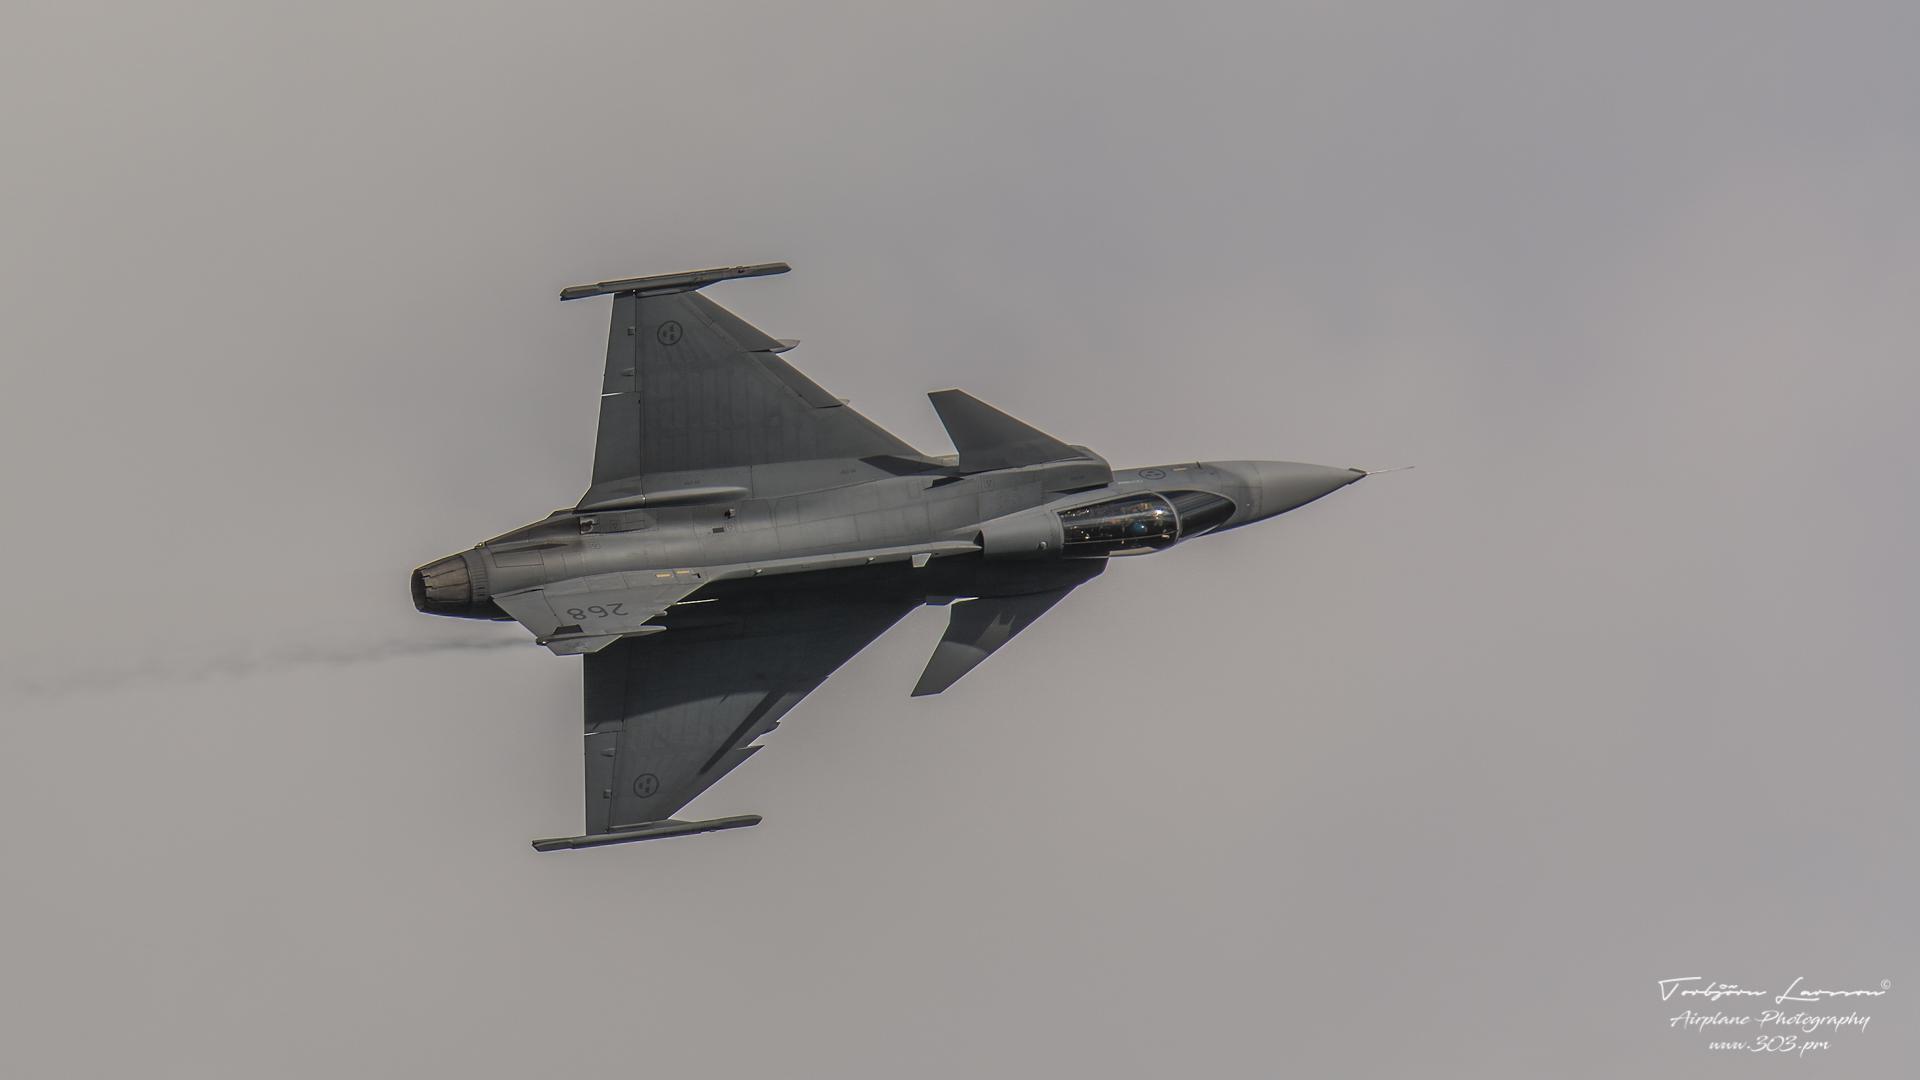 TBE_3765-Saab JAS 39 Gripen